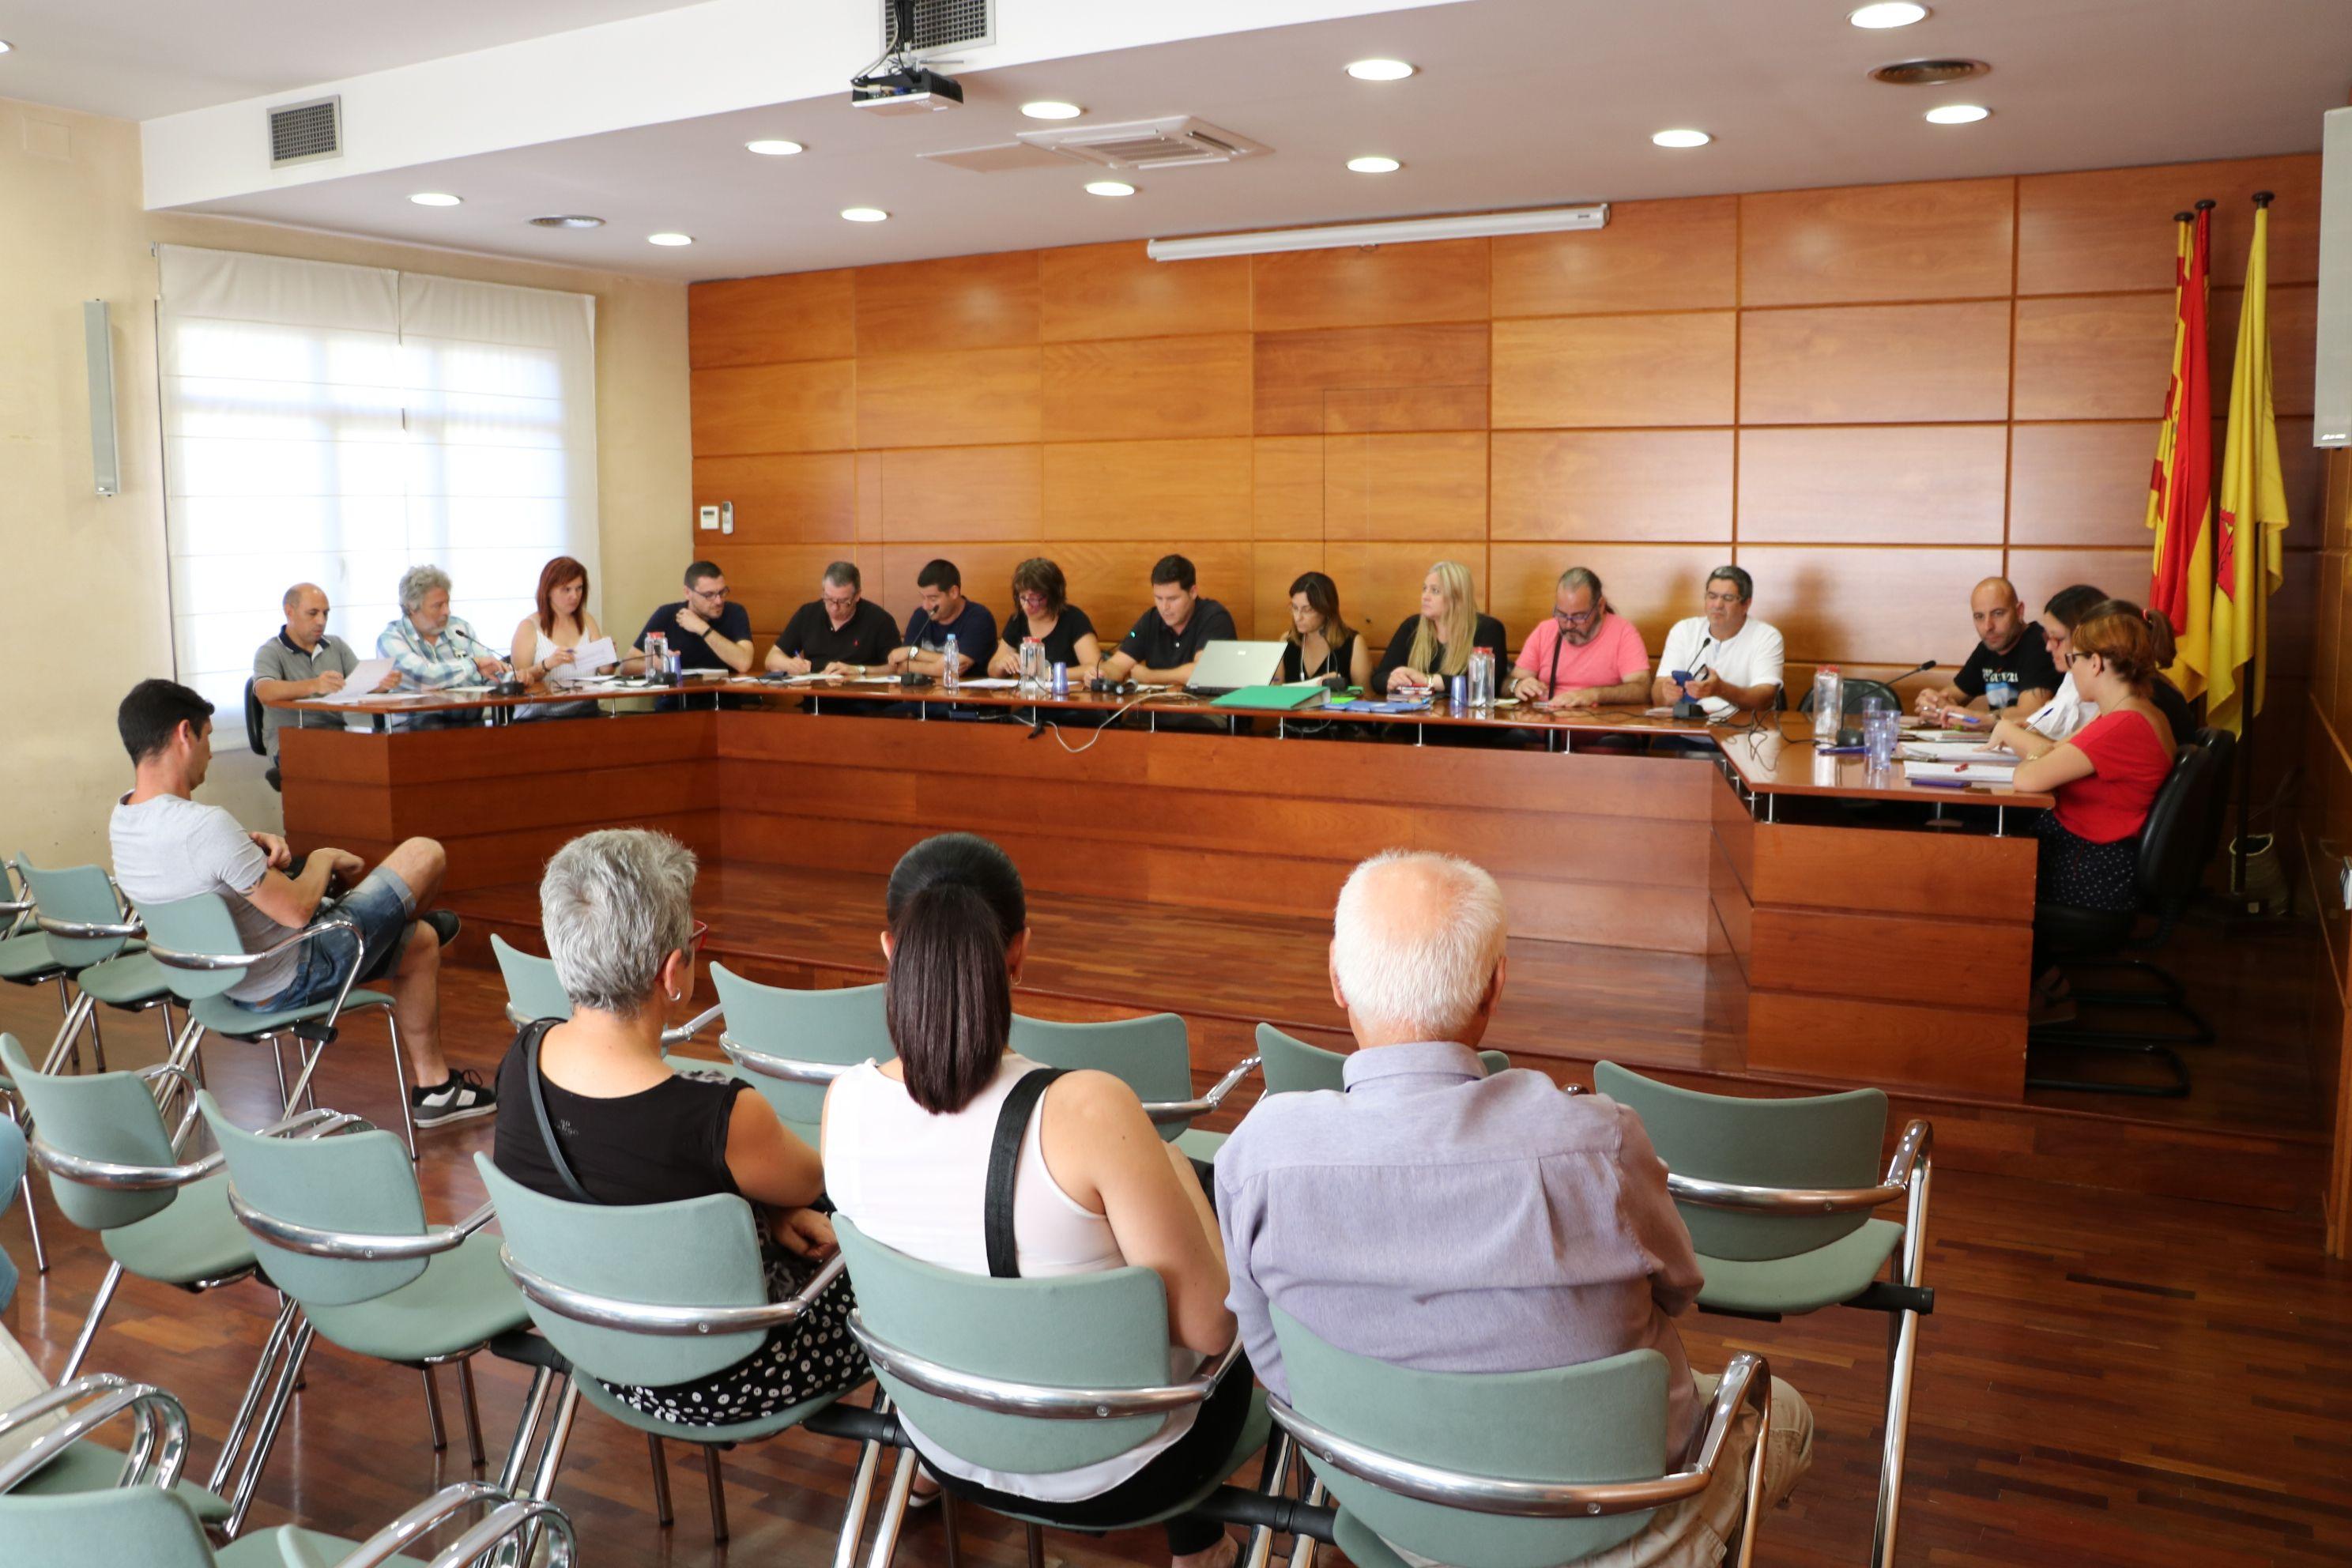 L'Ajuntament adjudicarà avui el servei de la guarderia Cucutras a la Fundació Pere Tarrés